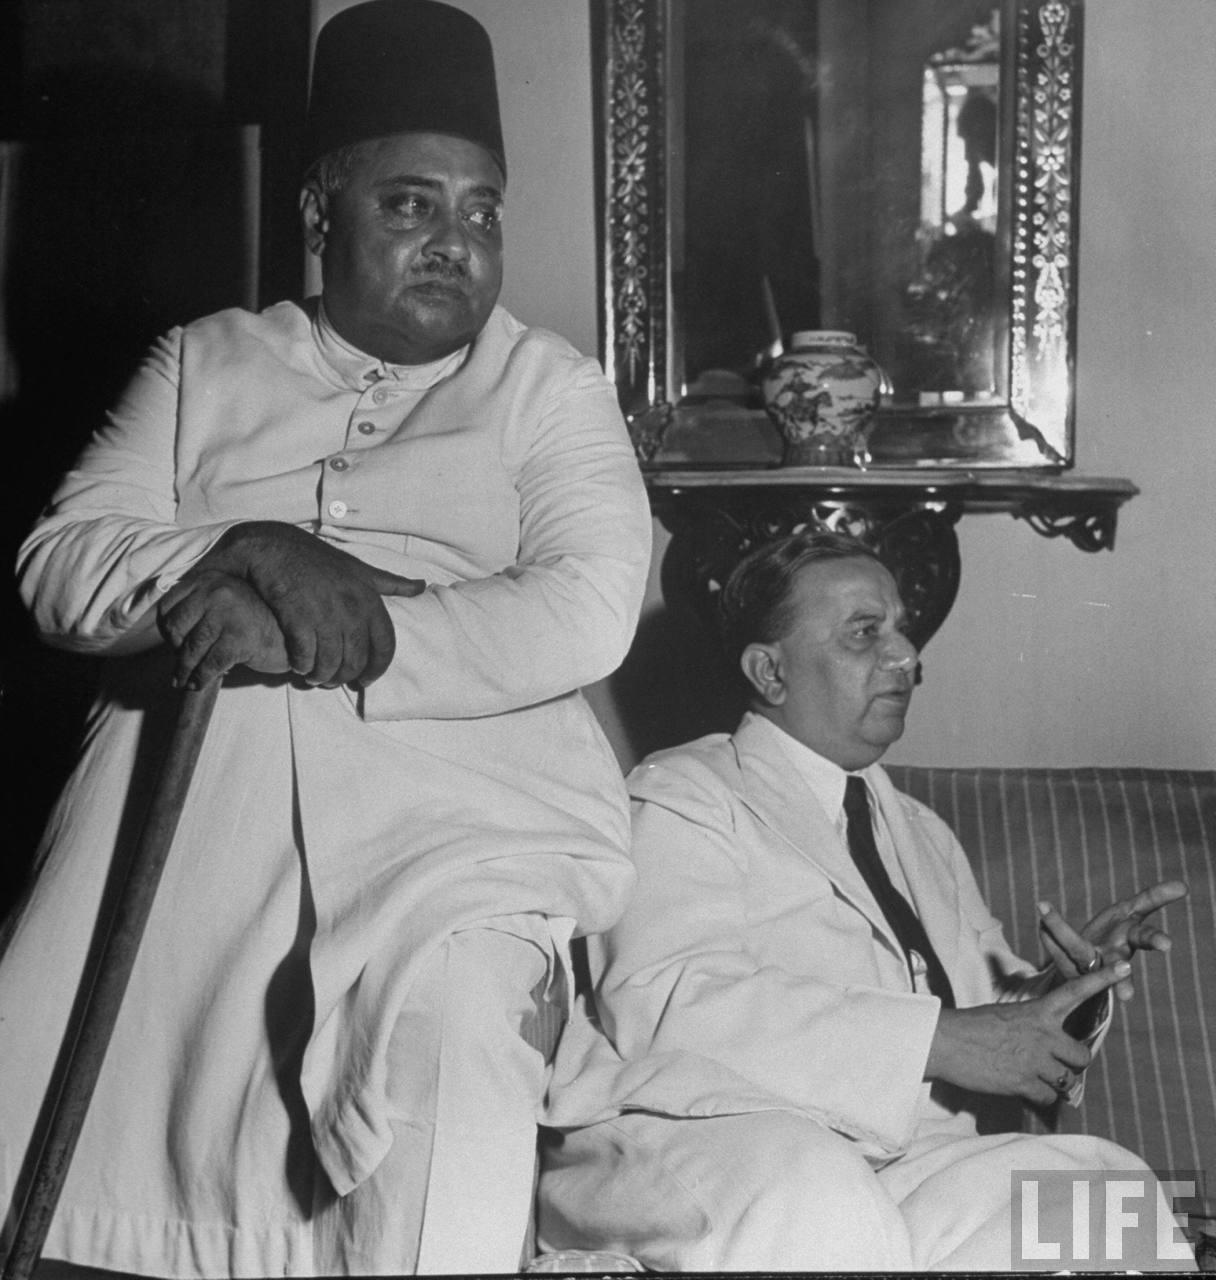 .بنگال کے وزیرِ اعلیٰ حسین شہید سہروردی (دائیں) اور خواجہ ناظم الدین (بائیں) سہروردی کے گھر پر. ستمبر 1946. فوٹو بشکریہ Margaret Bourke-White/LIFE Magazine